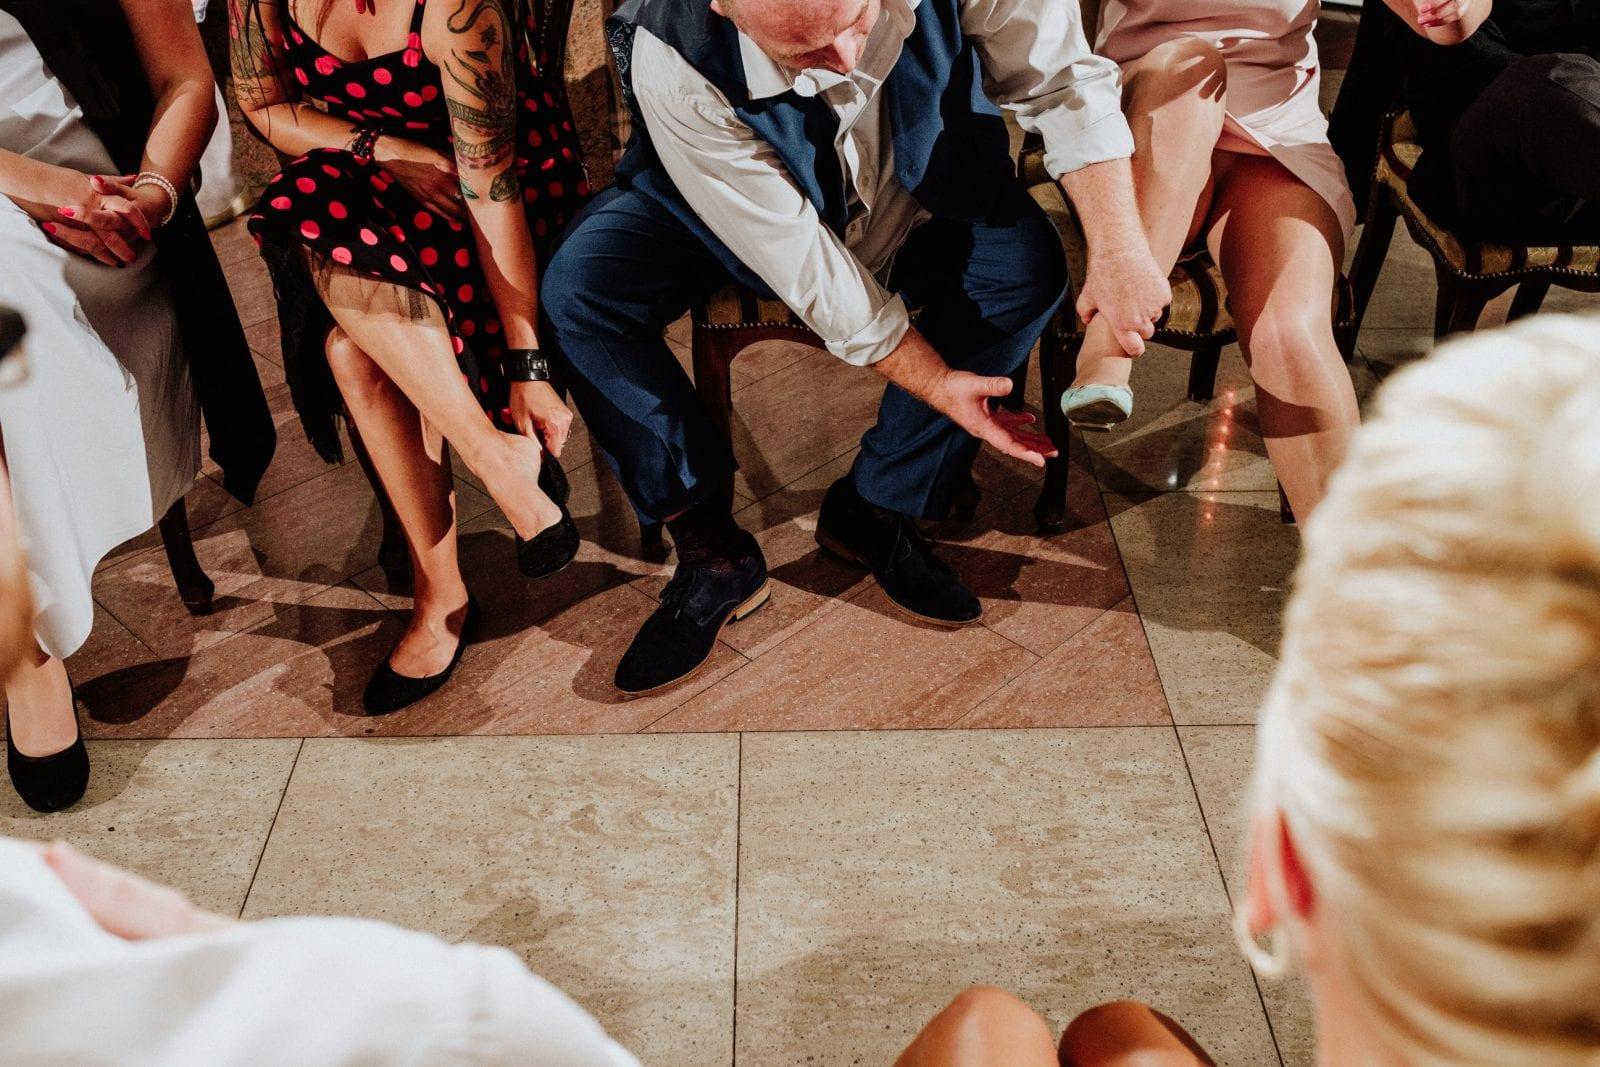 Dworek Hetmański, fotografia artystyczna, na łonie natury, Reportaż ślubny, ślub cywilny, zdjęcia ślubne Stargard, zdjęcia ślubne Szczecin Ślub plenerowy w Dworku Hetmańskim